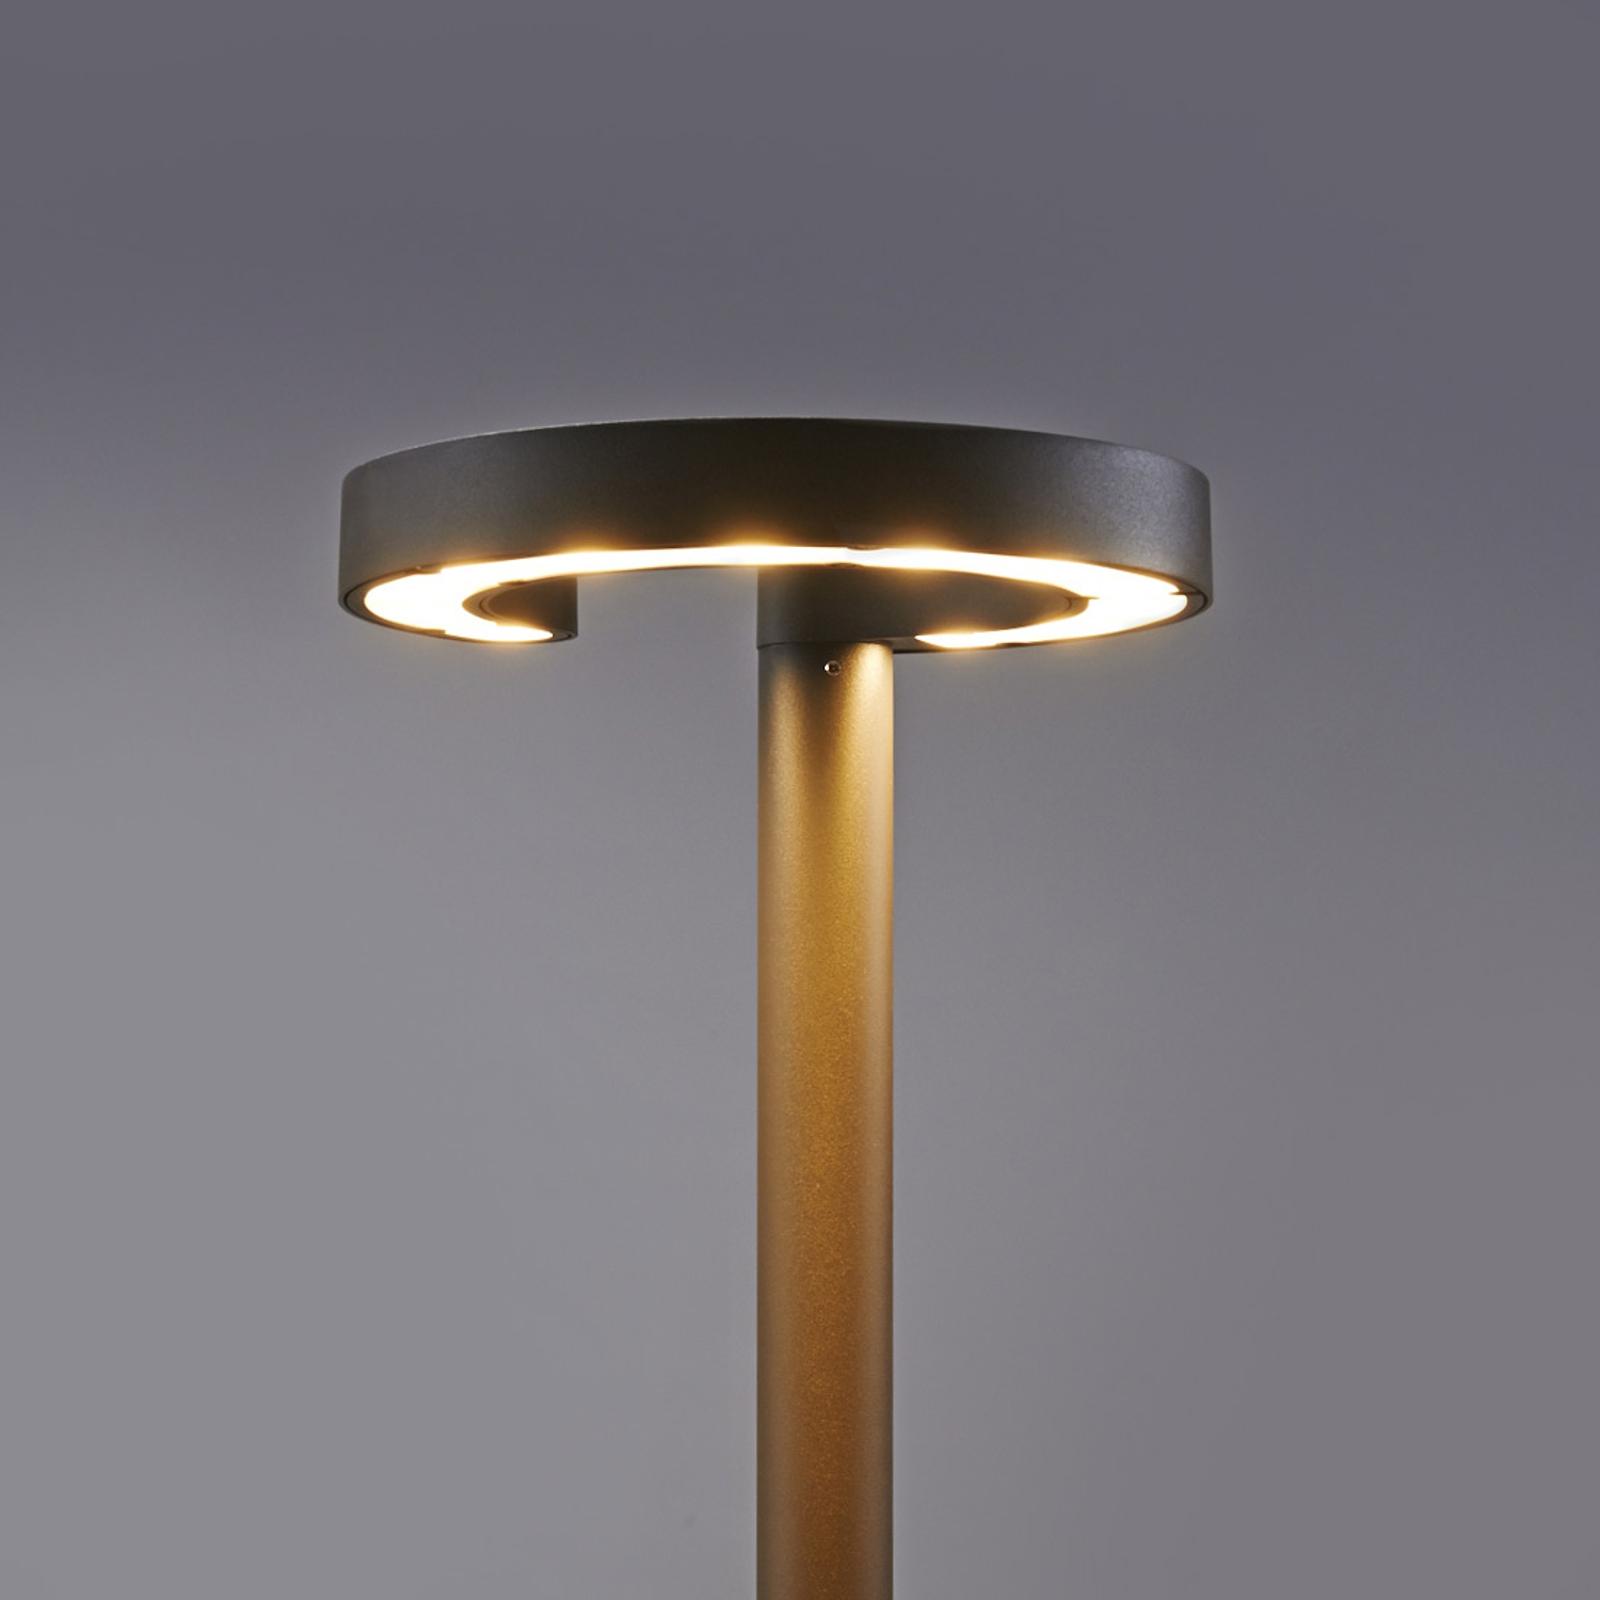 Lampadaire rond Jannis à LED Cree 24 W